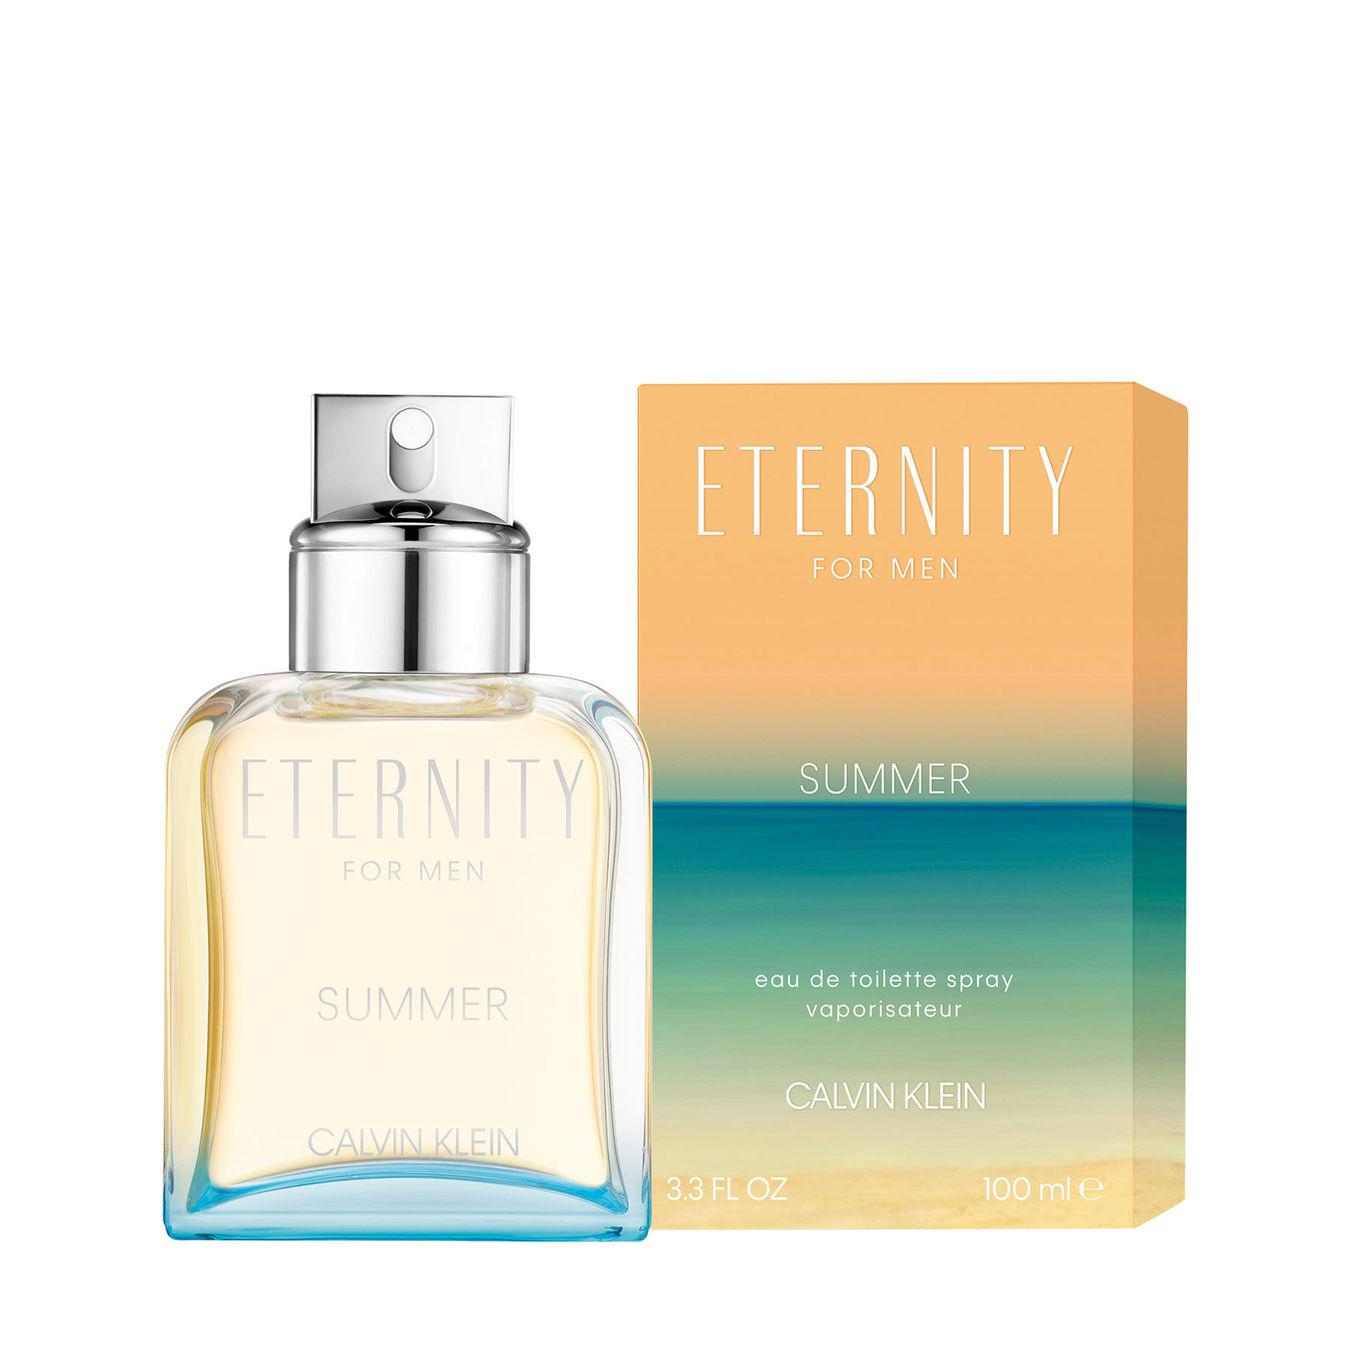 Calvin Klein Eternity For Men Summer 2019